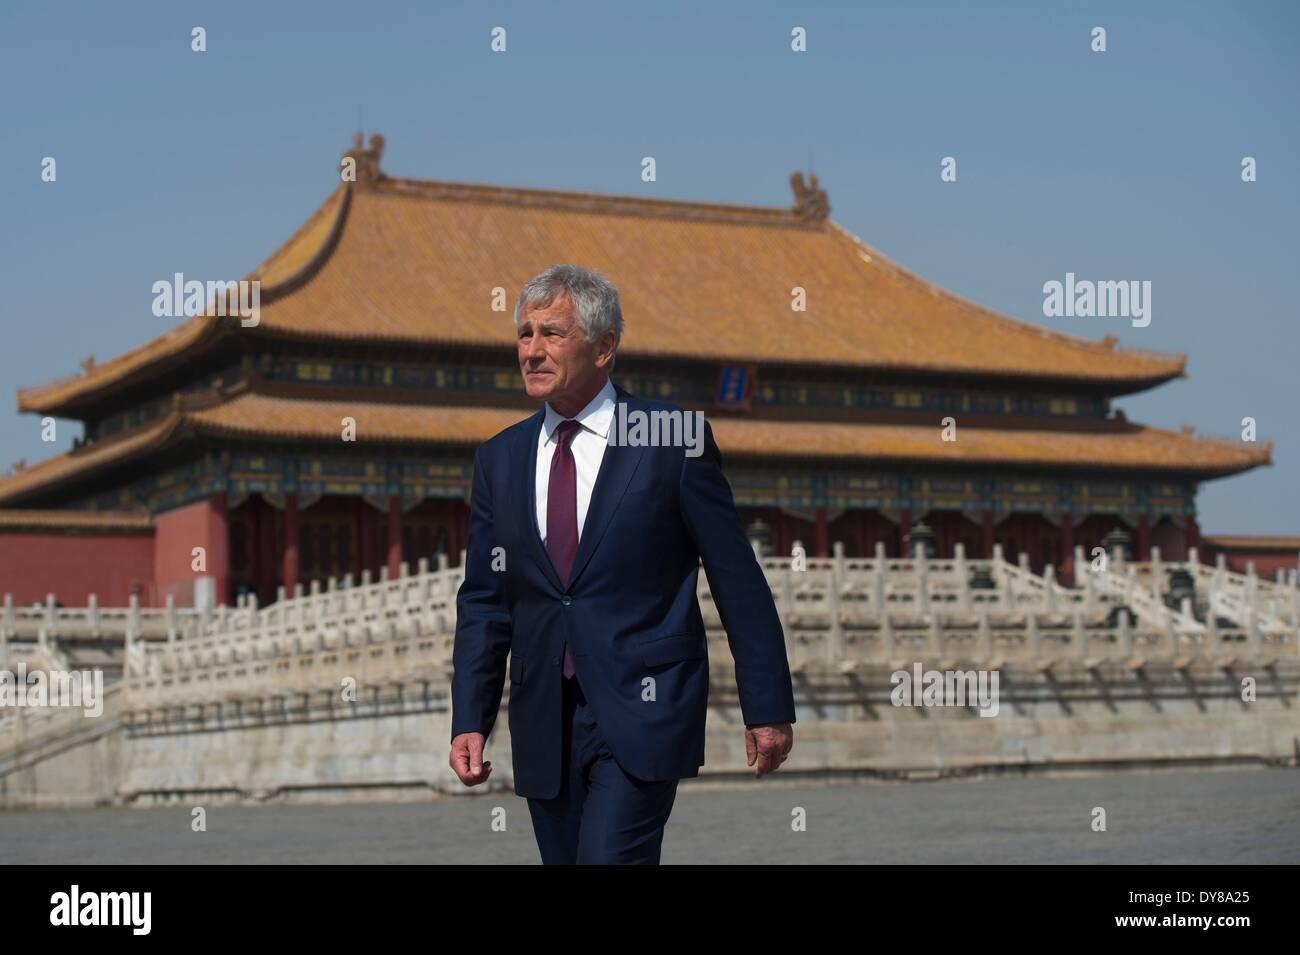 US-Verteidigungsminister Chuck Hagel tourt der verbotenen Stadt 9. April 2014 in Peking, China. Stockfoto